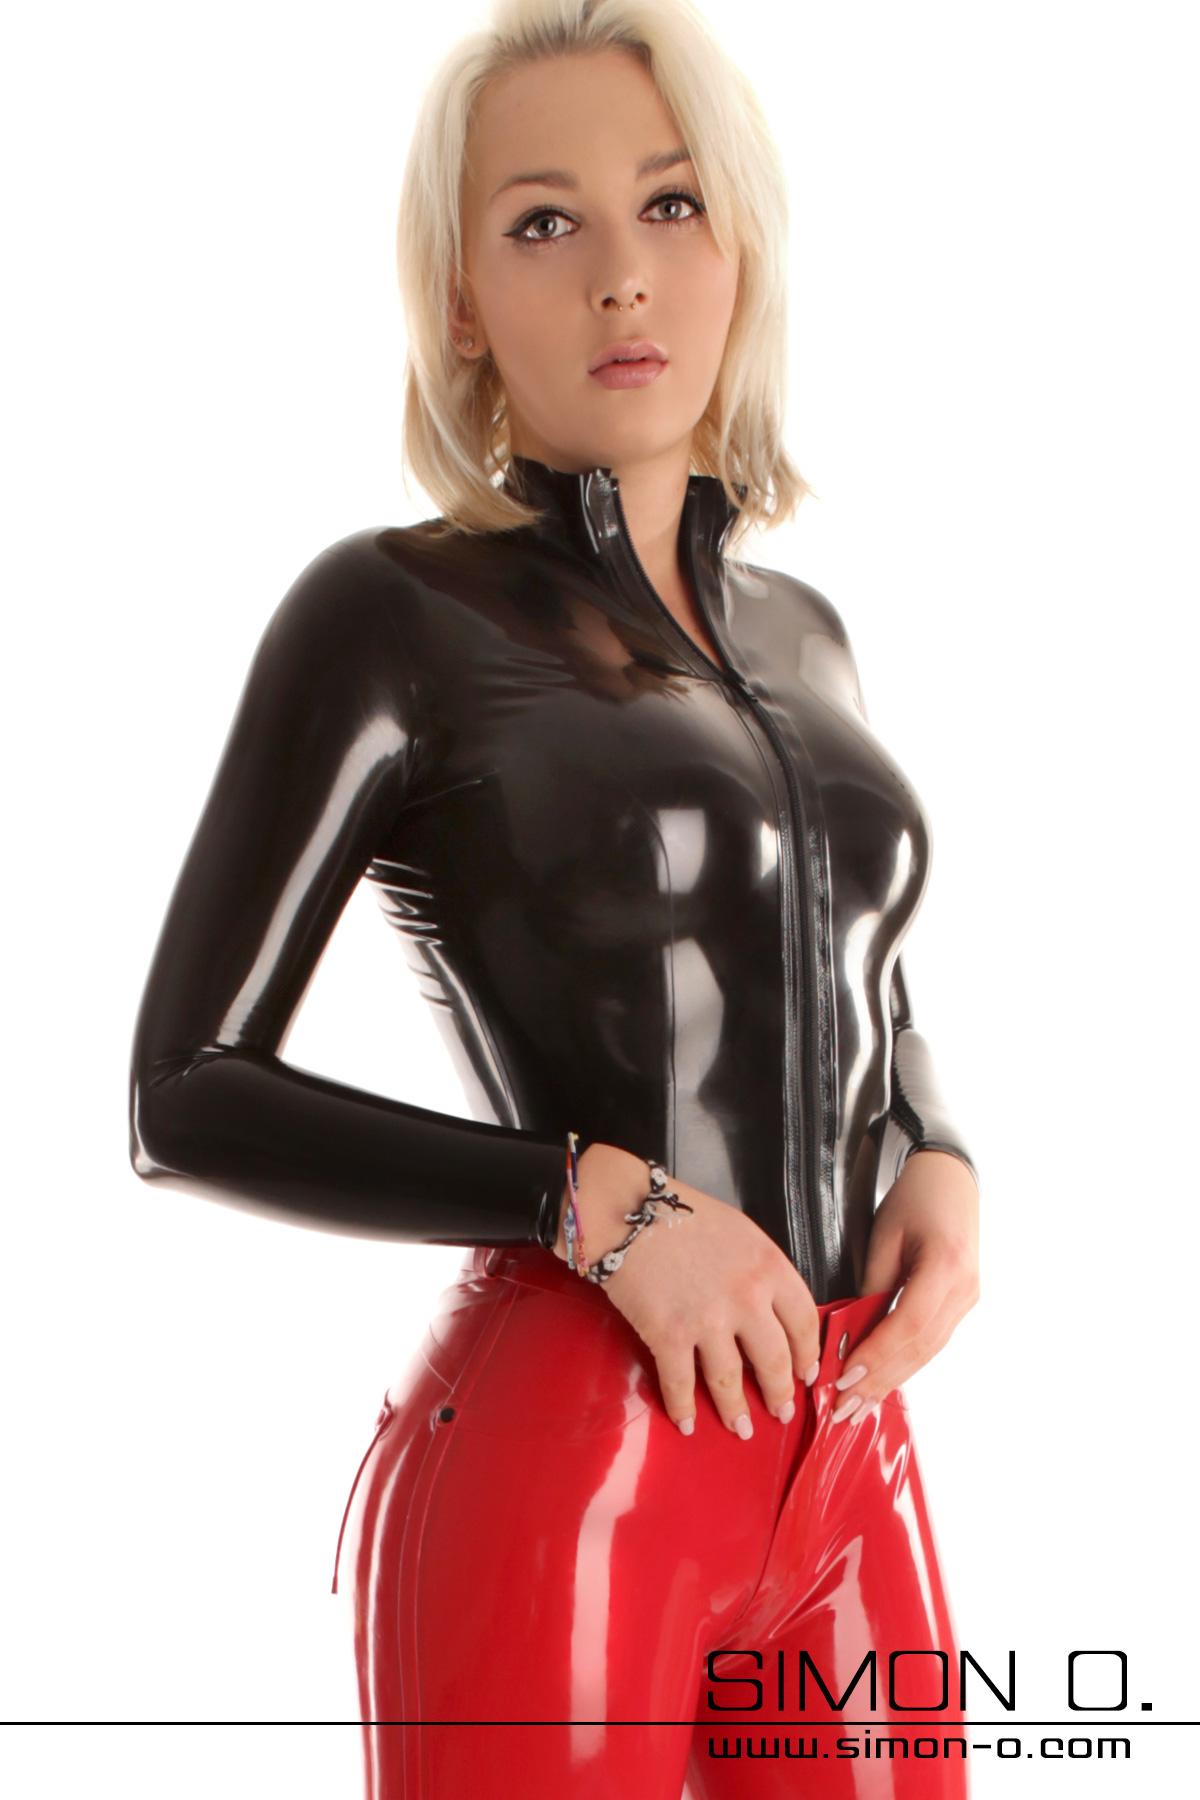 Eine blonde Dame mit einem engen Glanz Latex Top in Schwarz mit einem teilbarem Zipp vorne